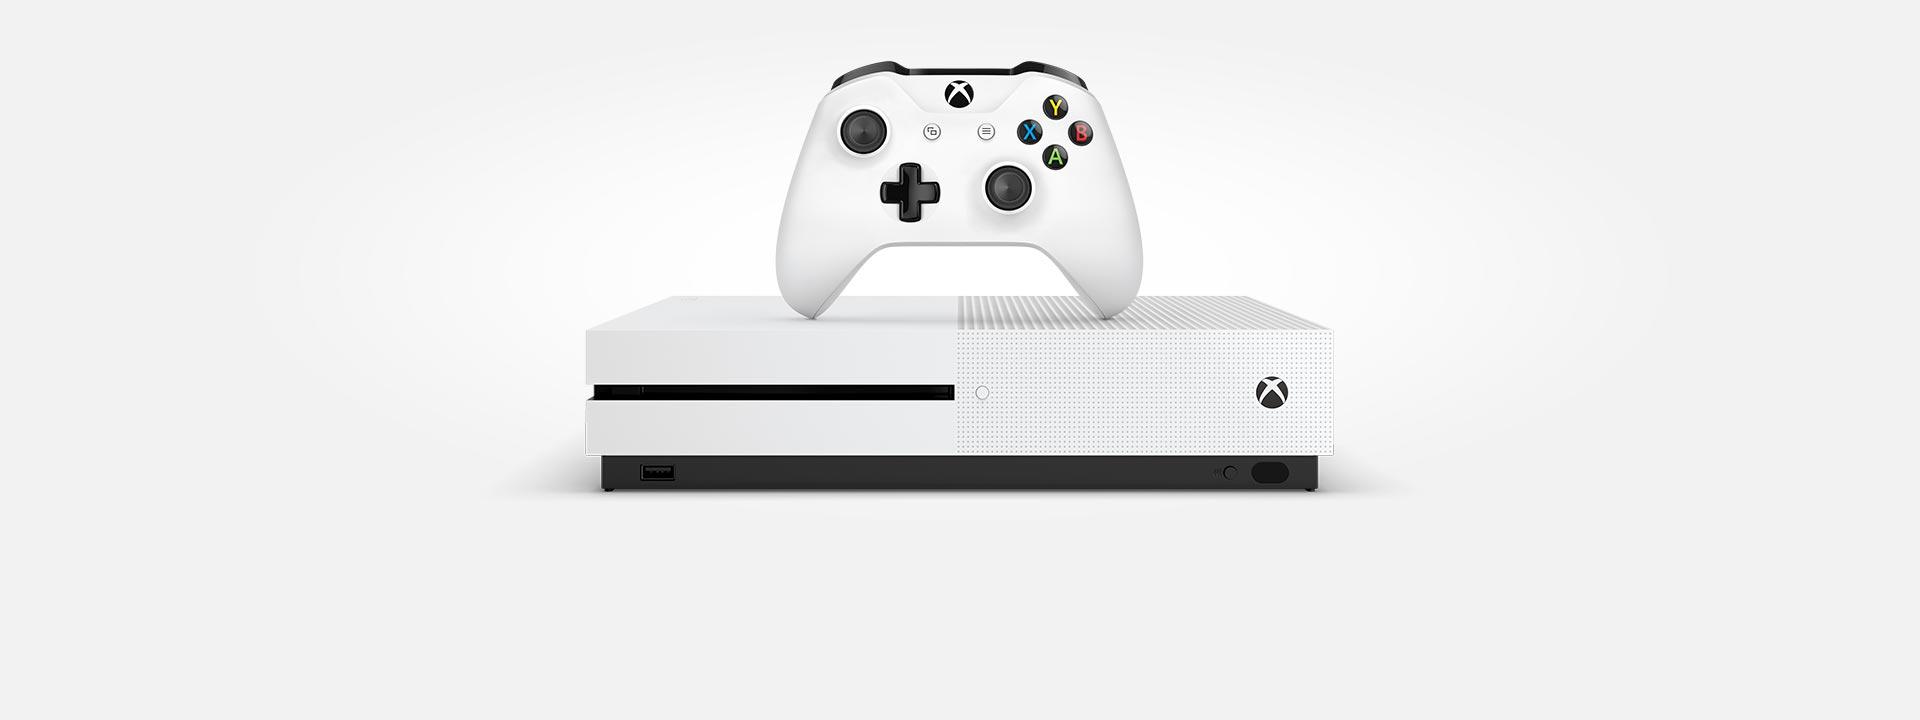 Xbox One S-konsol och spelkontroll, köp nu